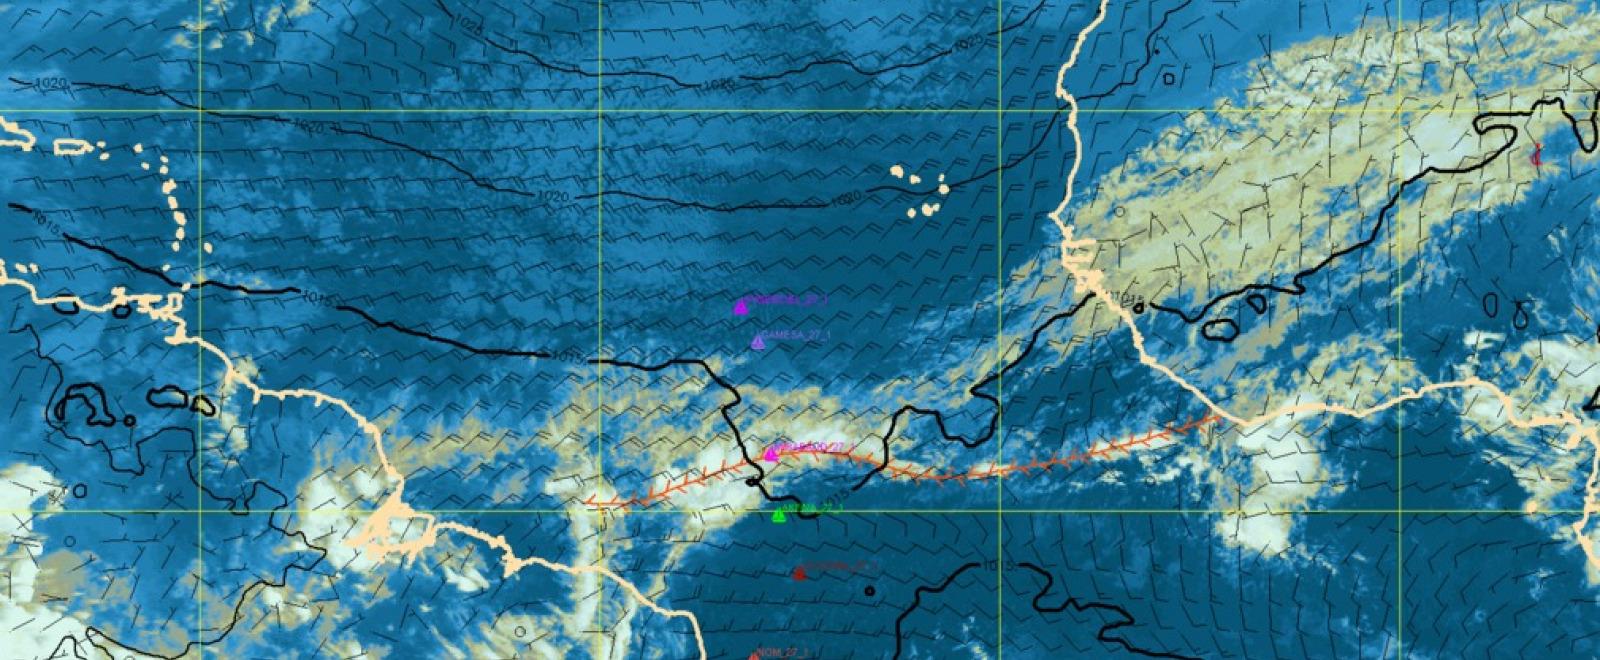 News Boletín Meteorológico Del 27 De Enero 2013 Vendée Globe En